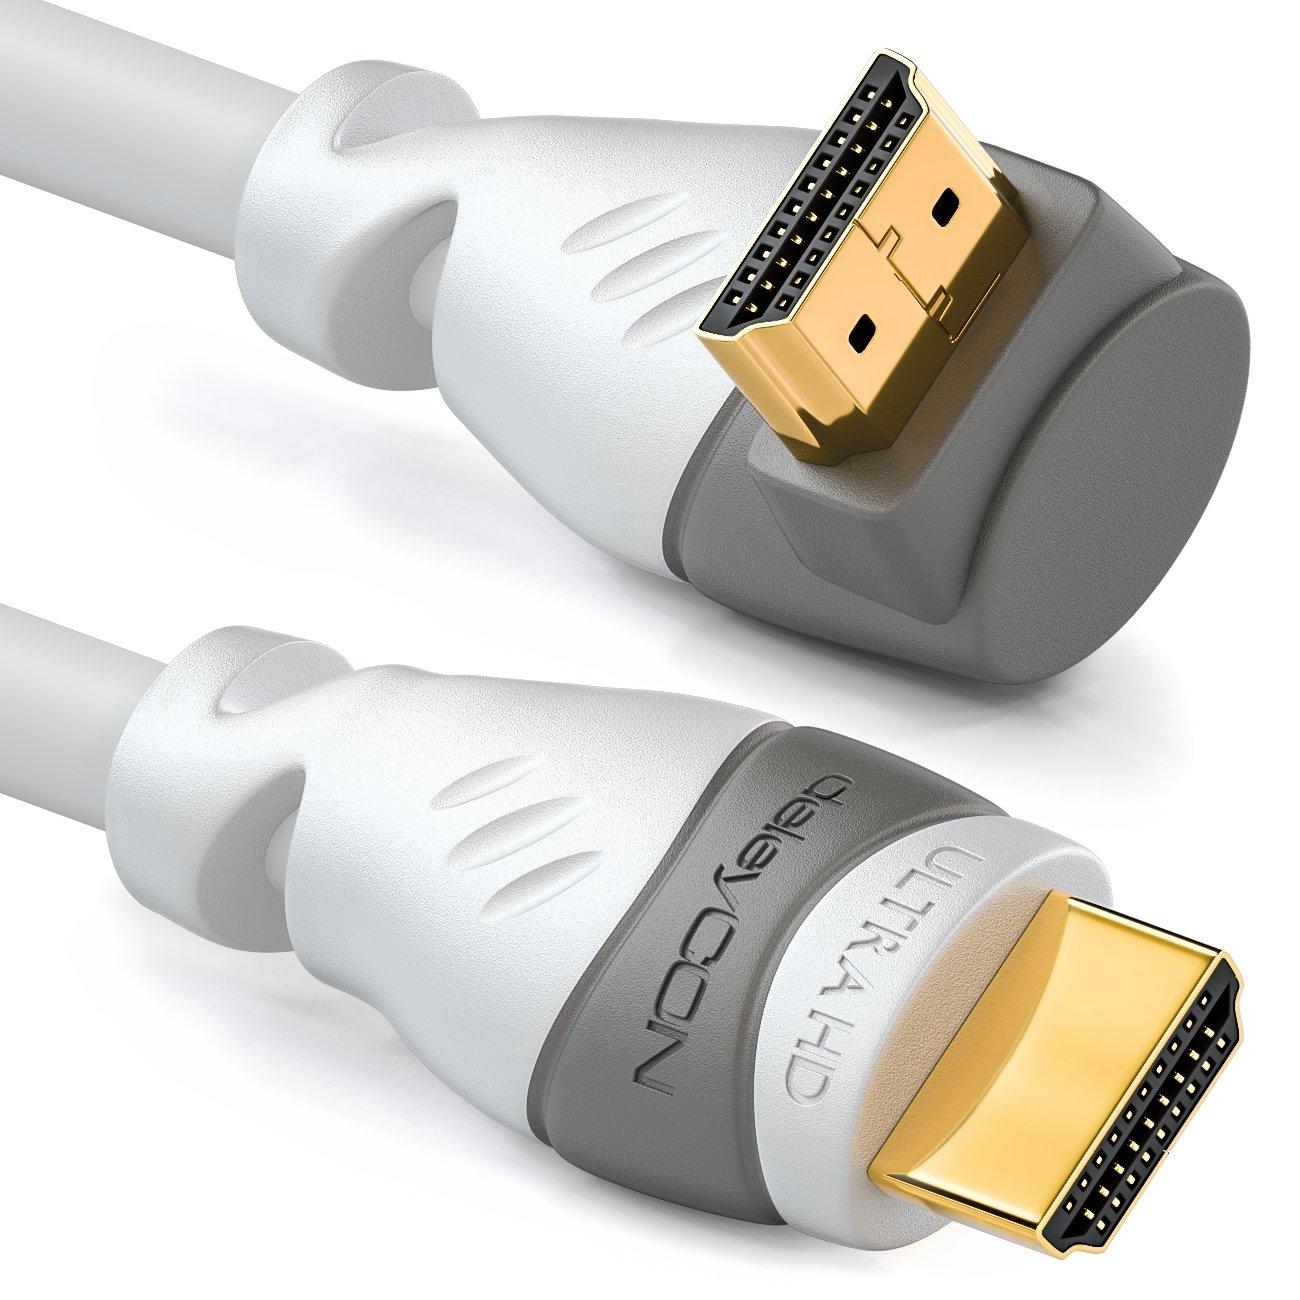 UHD 4K HDR 3D 1080p 2160p ARC deleyCON 1m Cable HDMI /Ángulo de 90/° de Alta Velocidad con Ethernet Blanco Compatible con HDMI 2.0//1.4